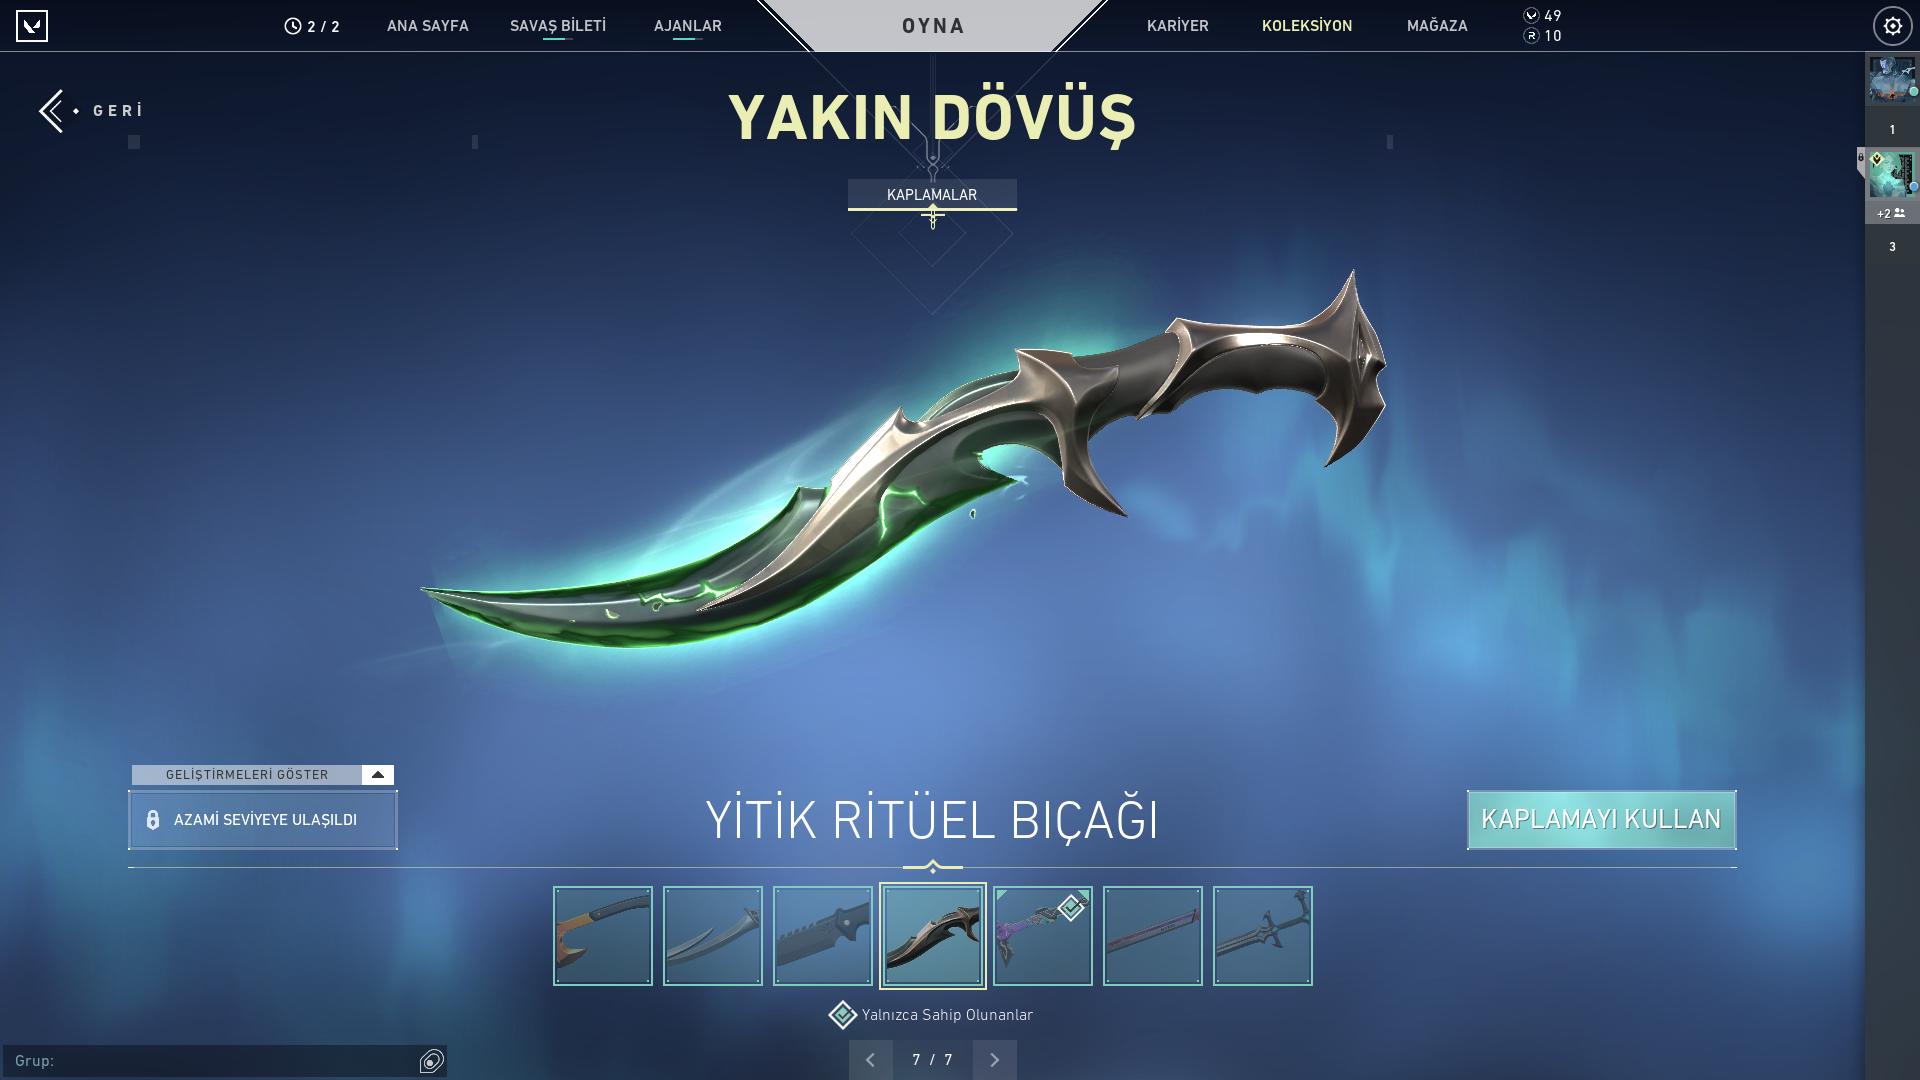 2300 TL YATIRILDI + İLK MAİL + FULL/FULL